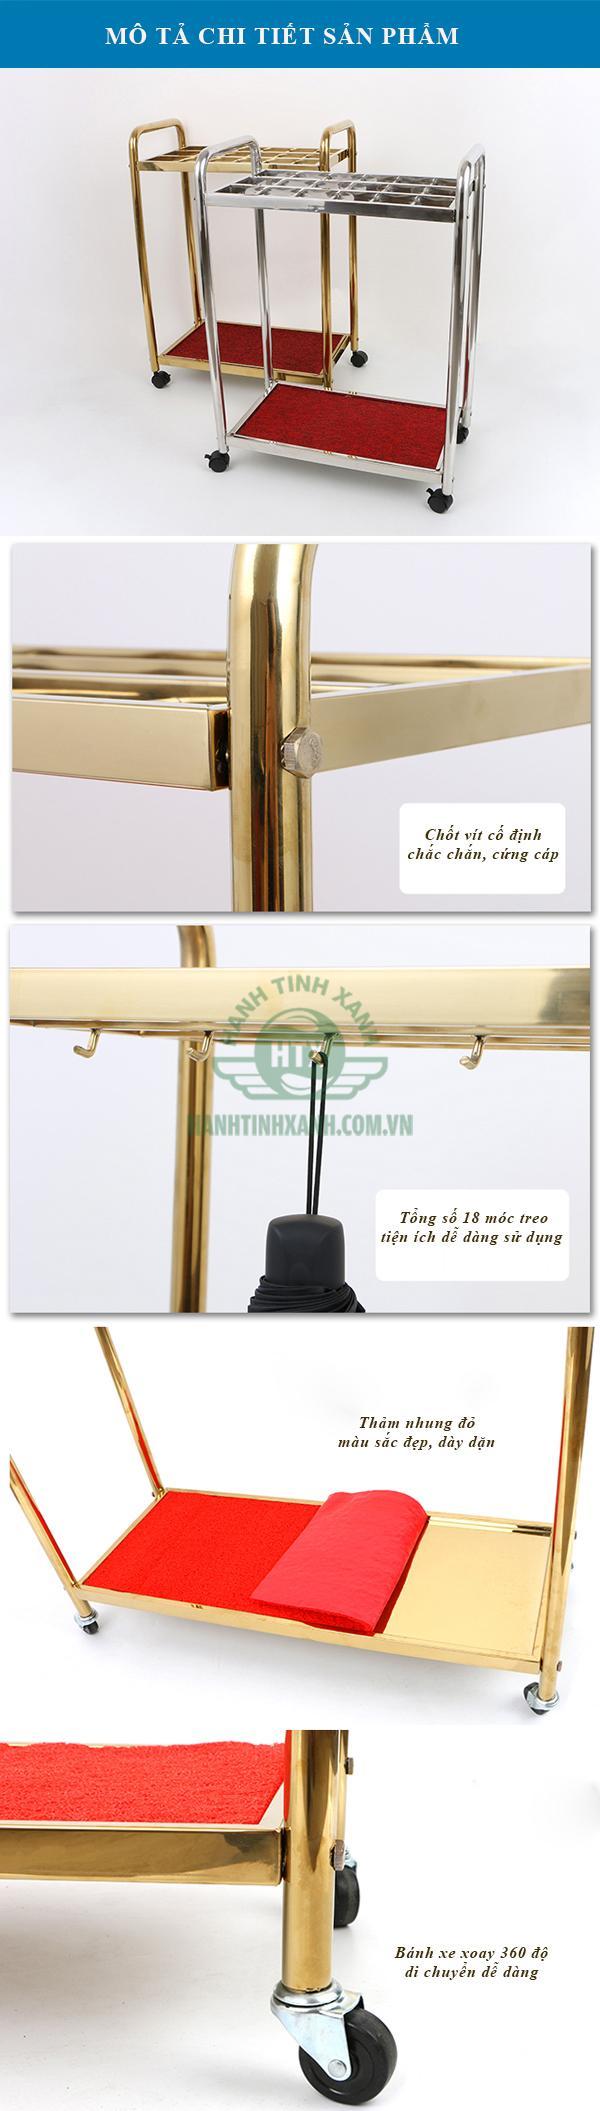 Mô tả chi tiết kệ để ô dù inox mạ vàng